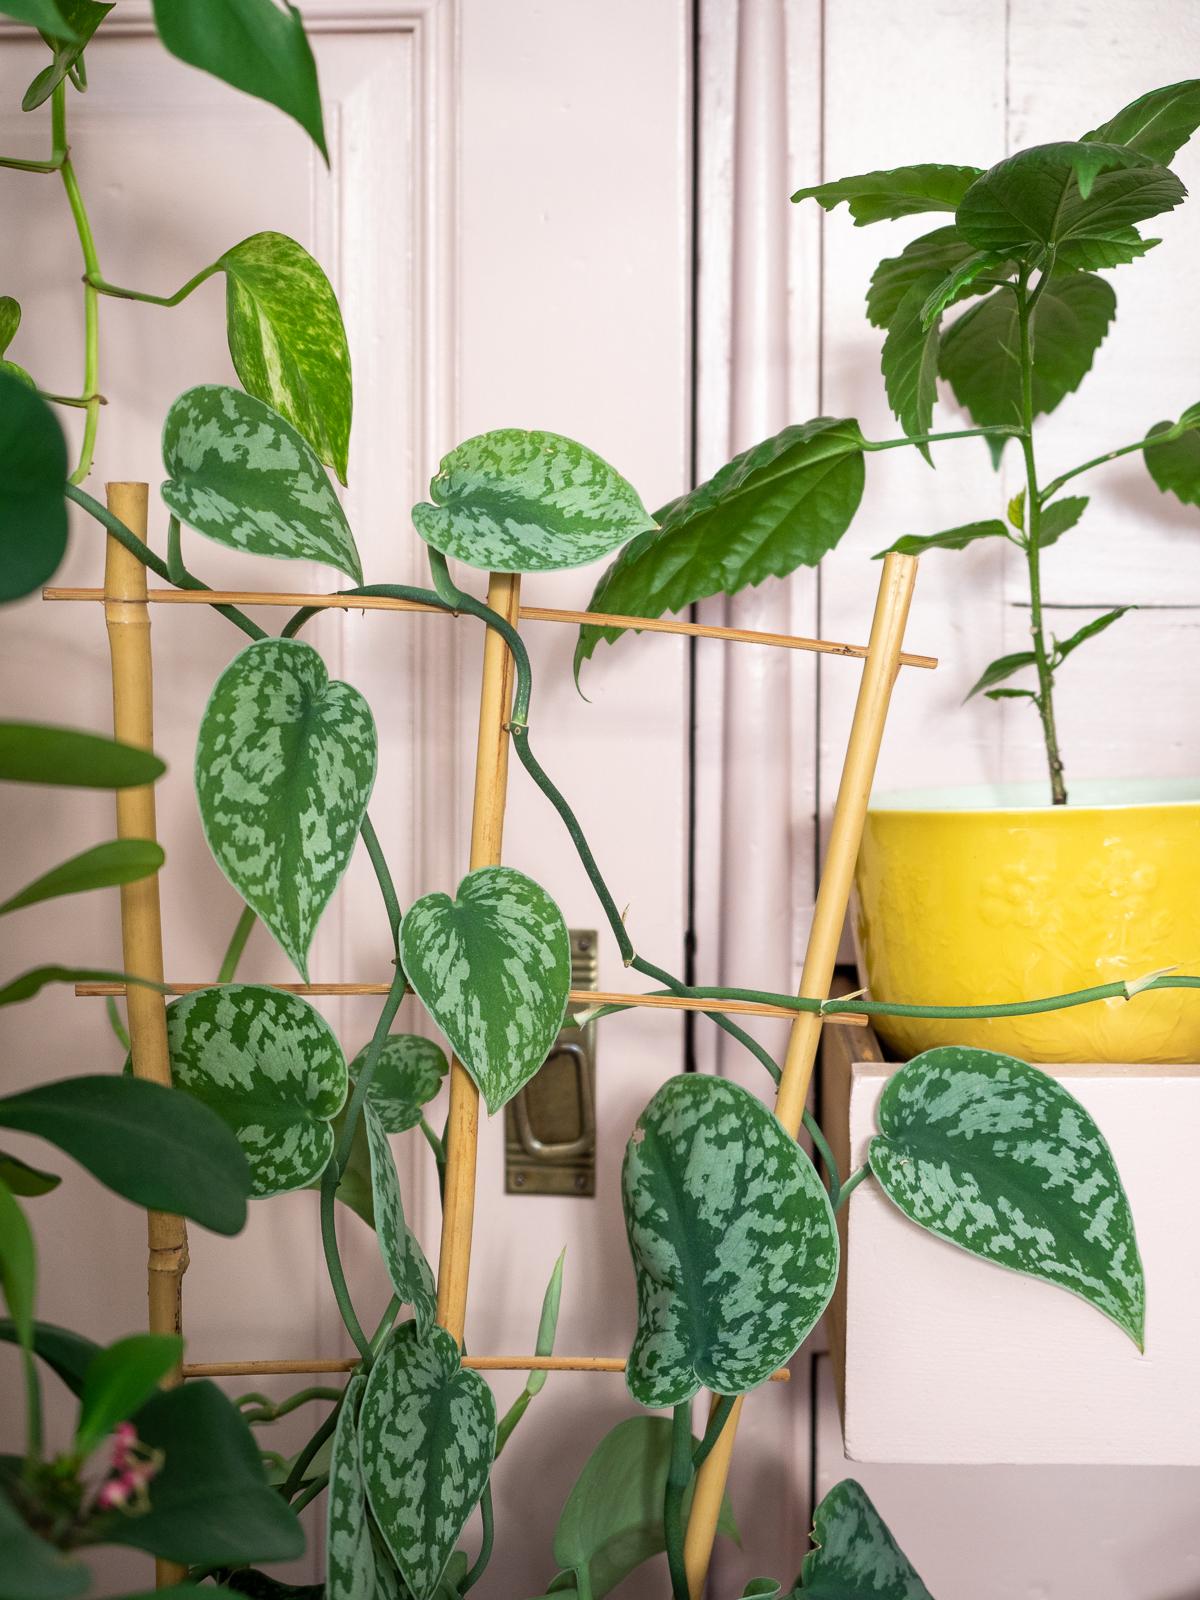 miten saan viherkasvit kukoistamaan